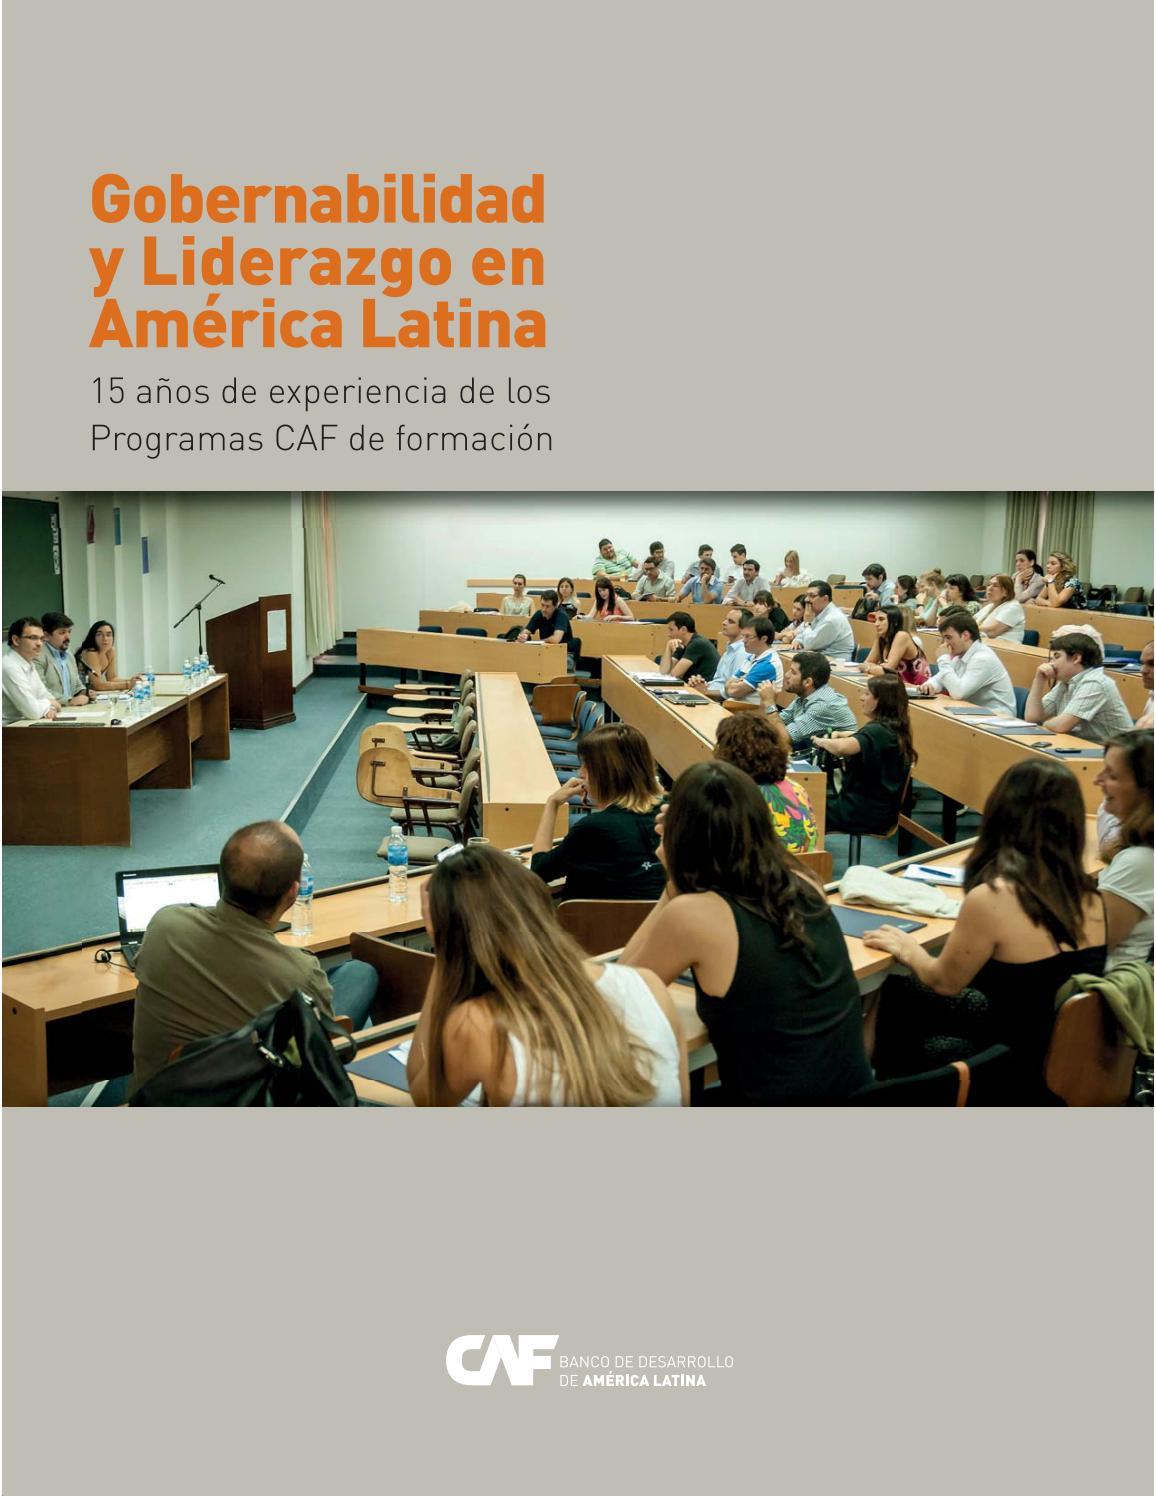 Gobernabilidad y LIderazgo CAF 15 años en ALC by Walter Raul Pinedo ...